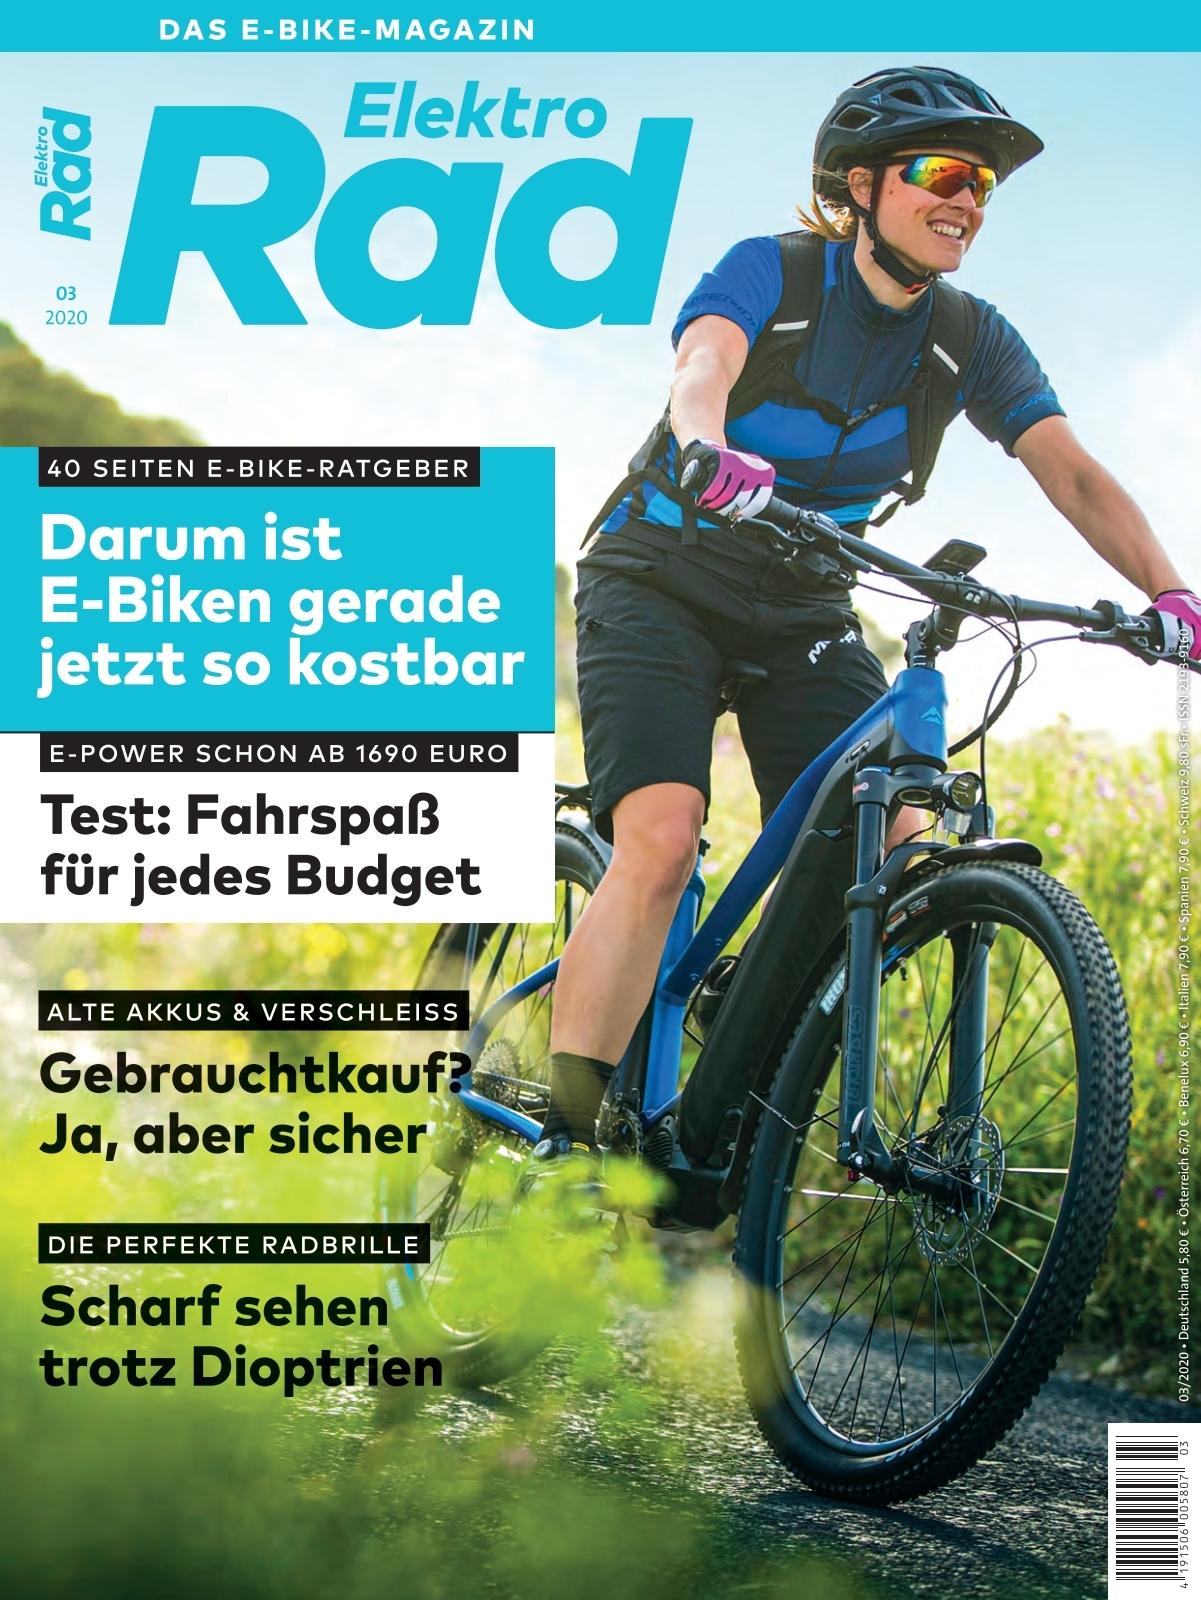 Singlespeed - Radlshop-Fahrrad Fachhandel